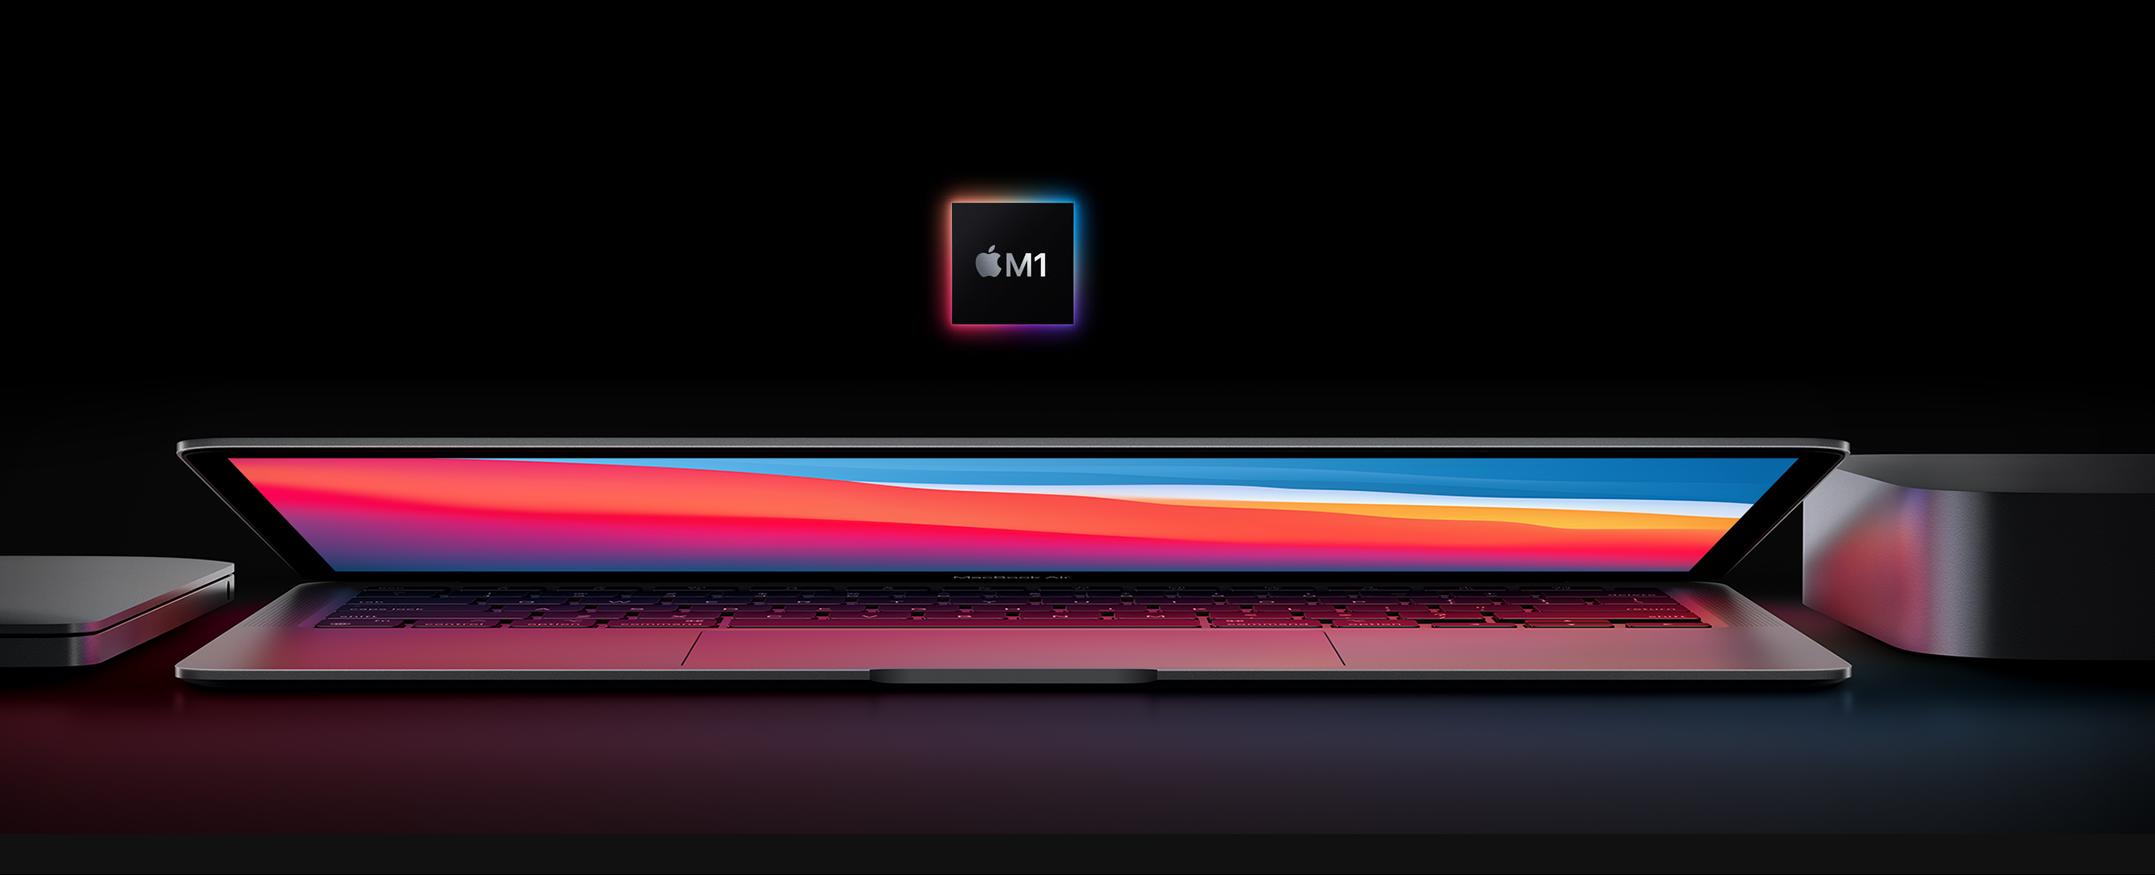 Apple dává sbohem Intelu: Přichází éra procesorů ARM?